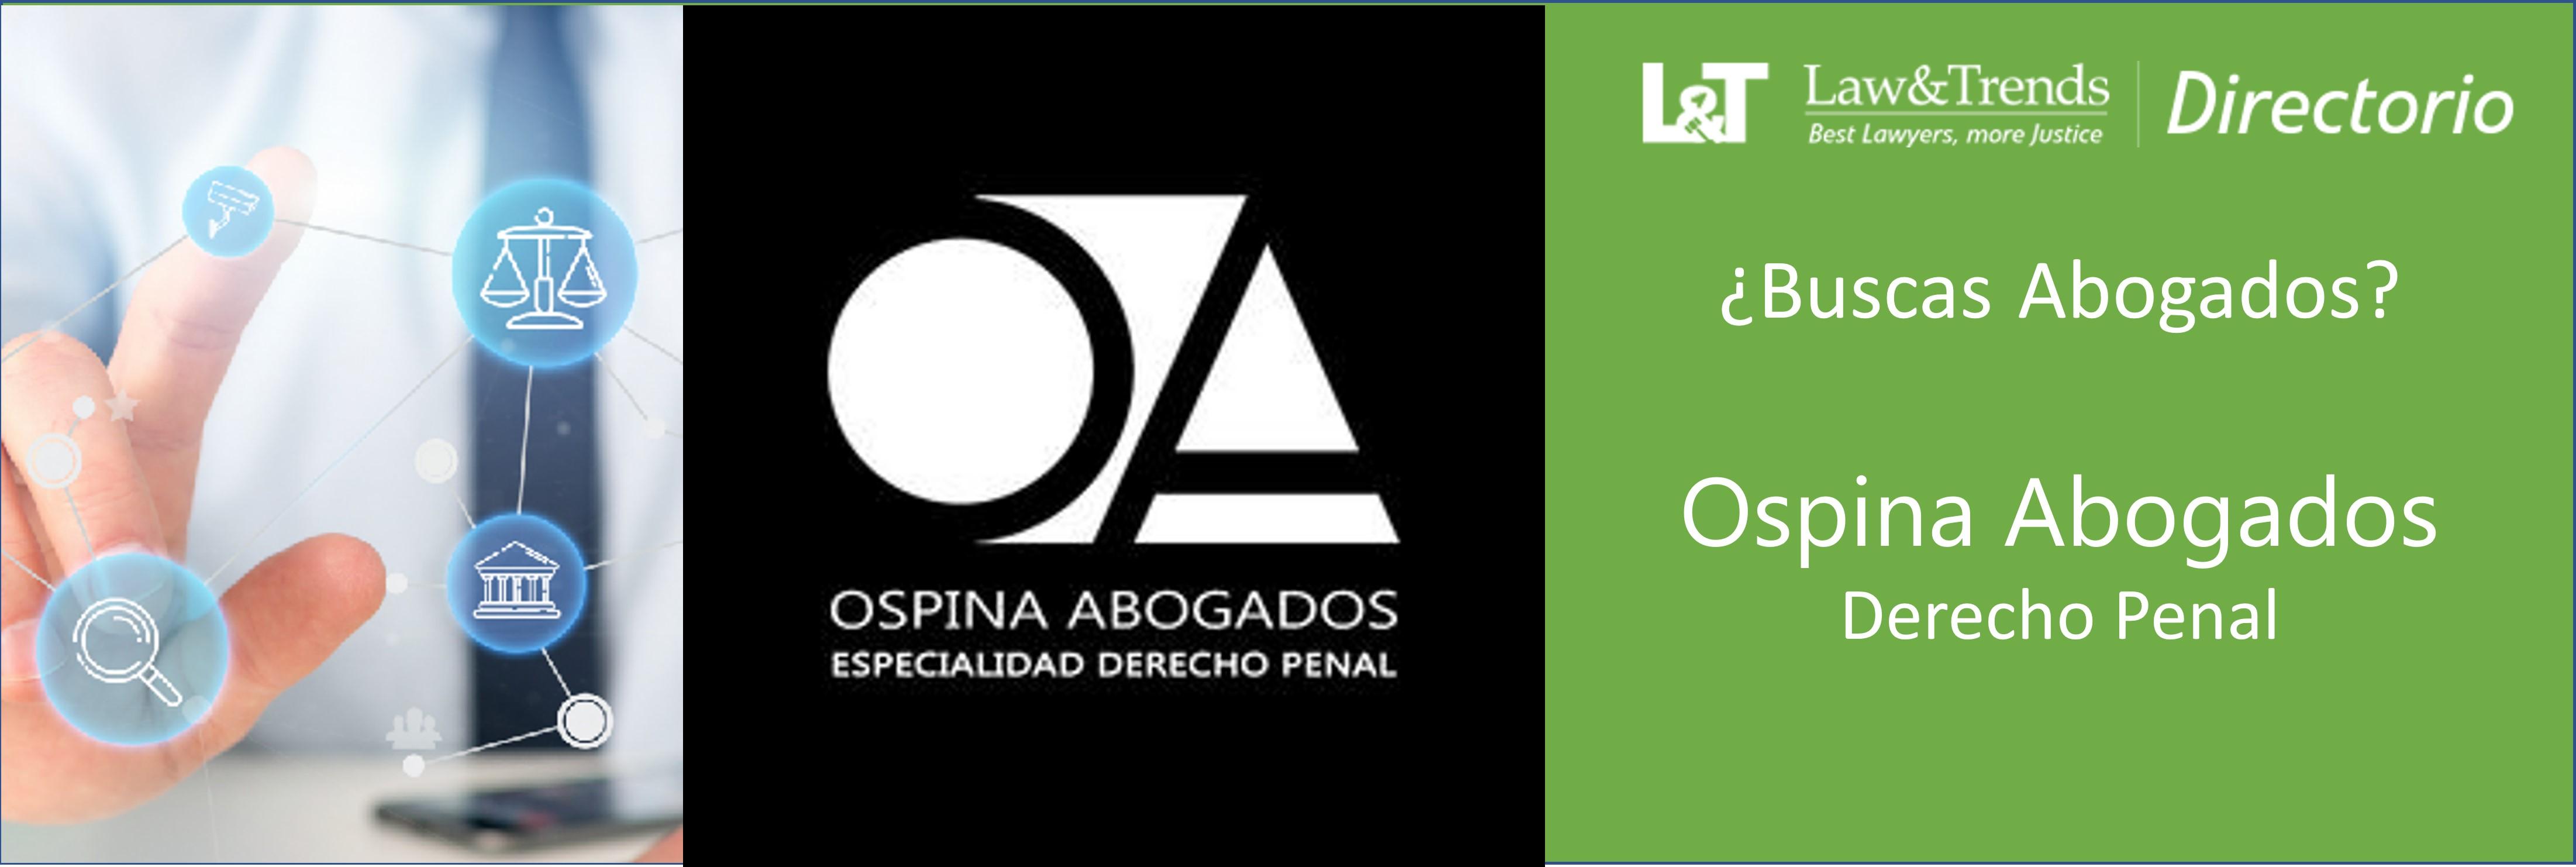 Ospina Abogados penal Madrid